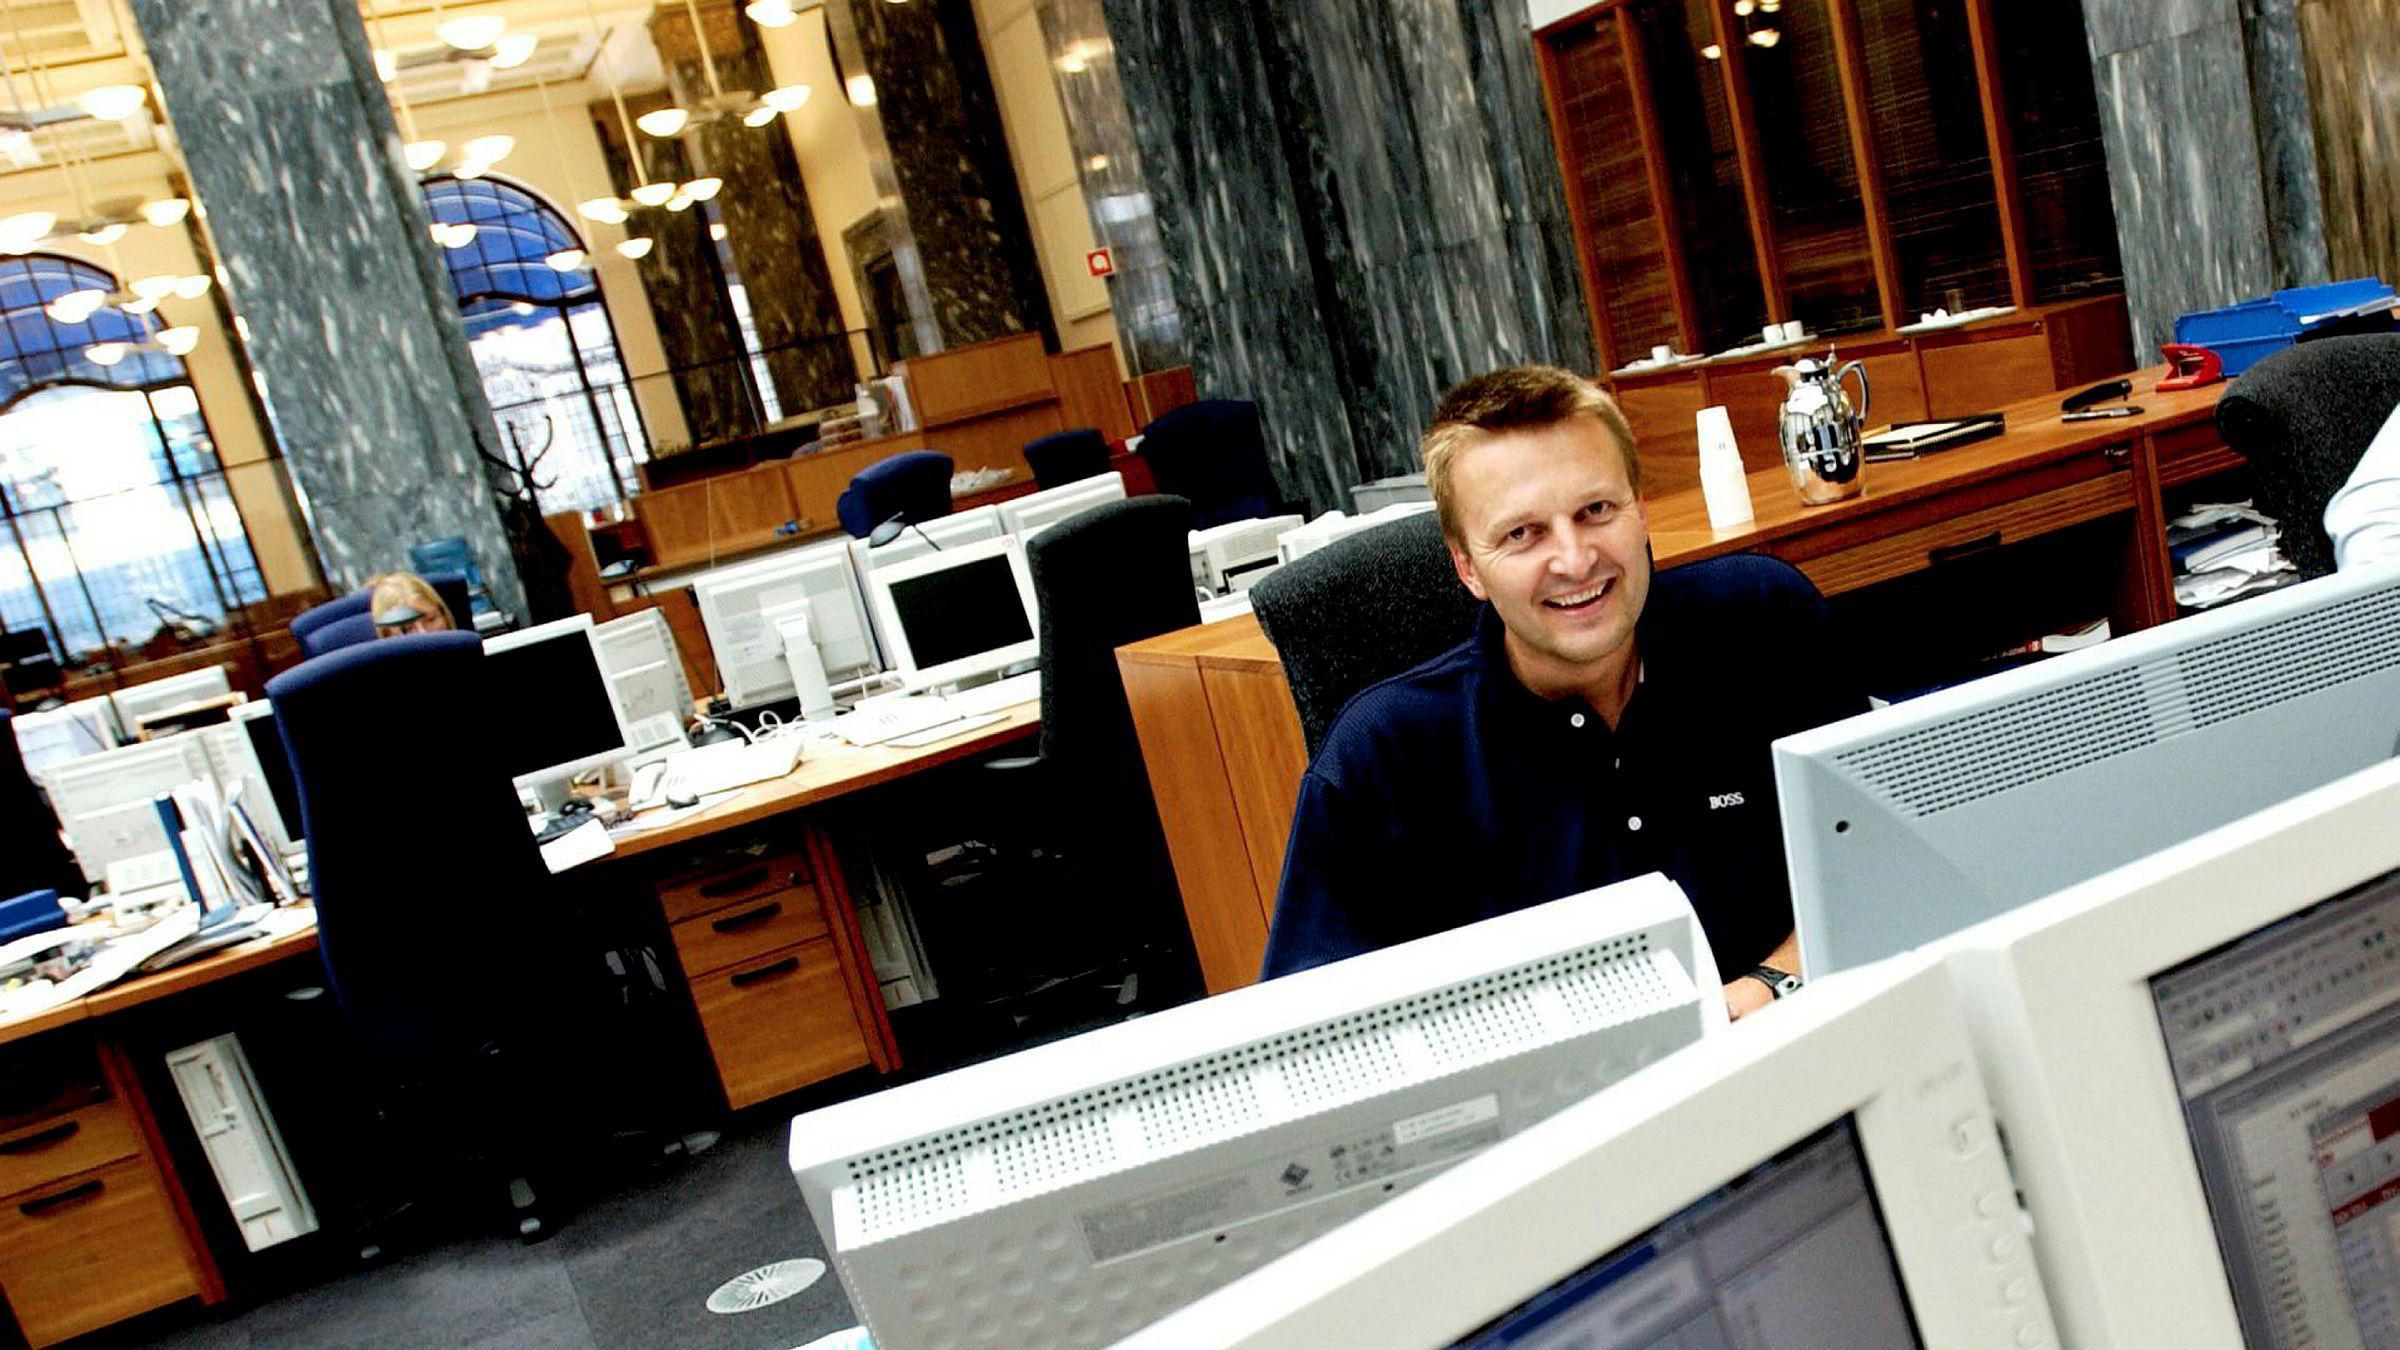 Leder for rentehandel Olav Gunnes i DNB har tjent godt på sine investeringer de siste årene. Bildet er fra 2003, da Gunnes var leder for rentehandel i Gjensidige Nor.